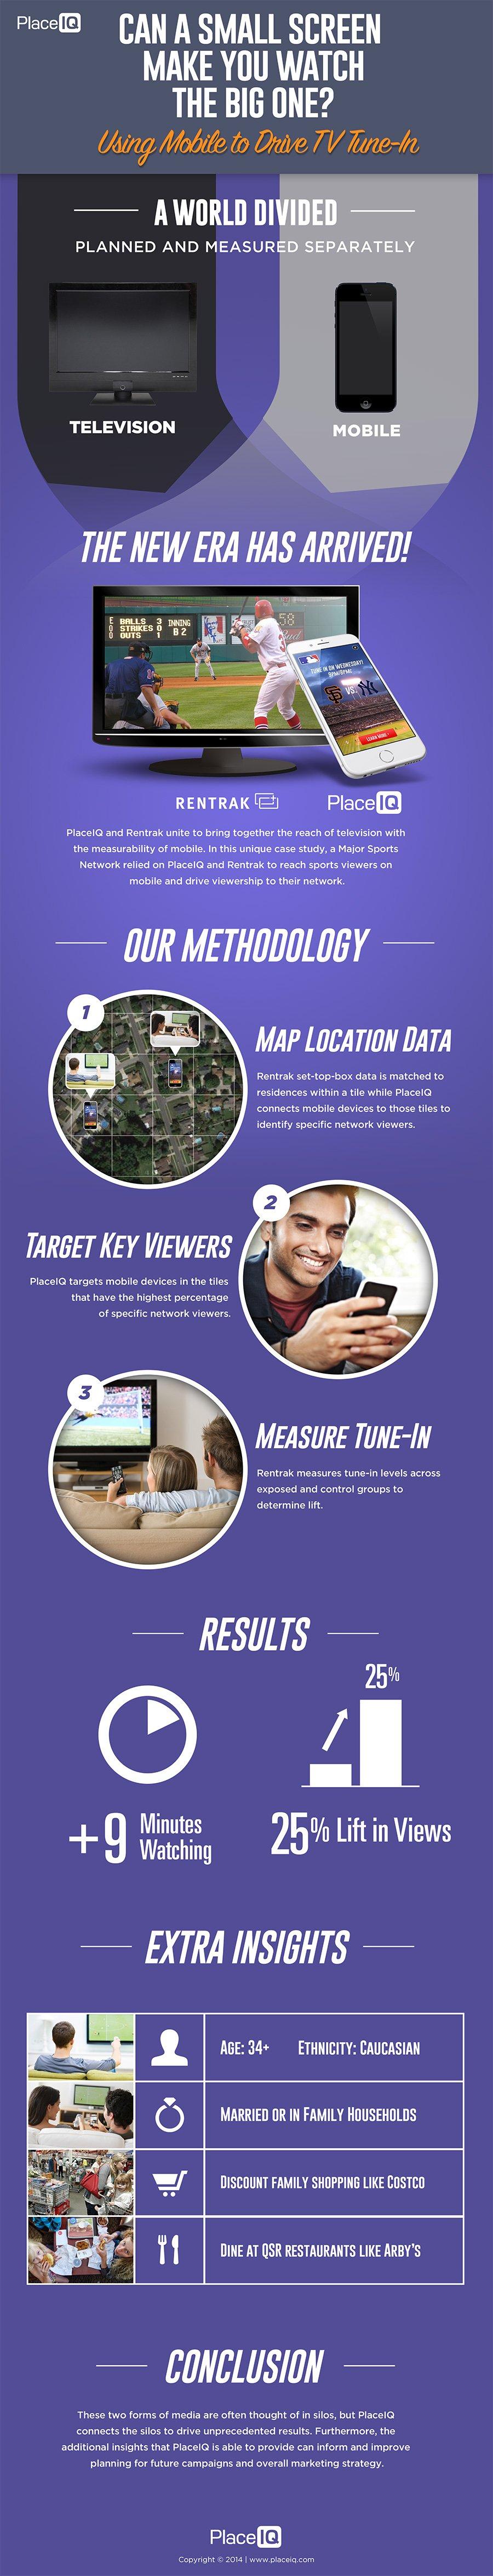 tvtunein-infographic-placeiq_v10 (1) (1)